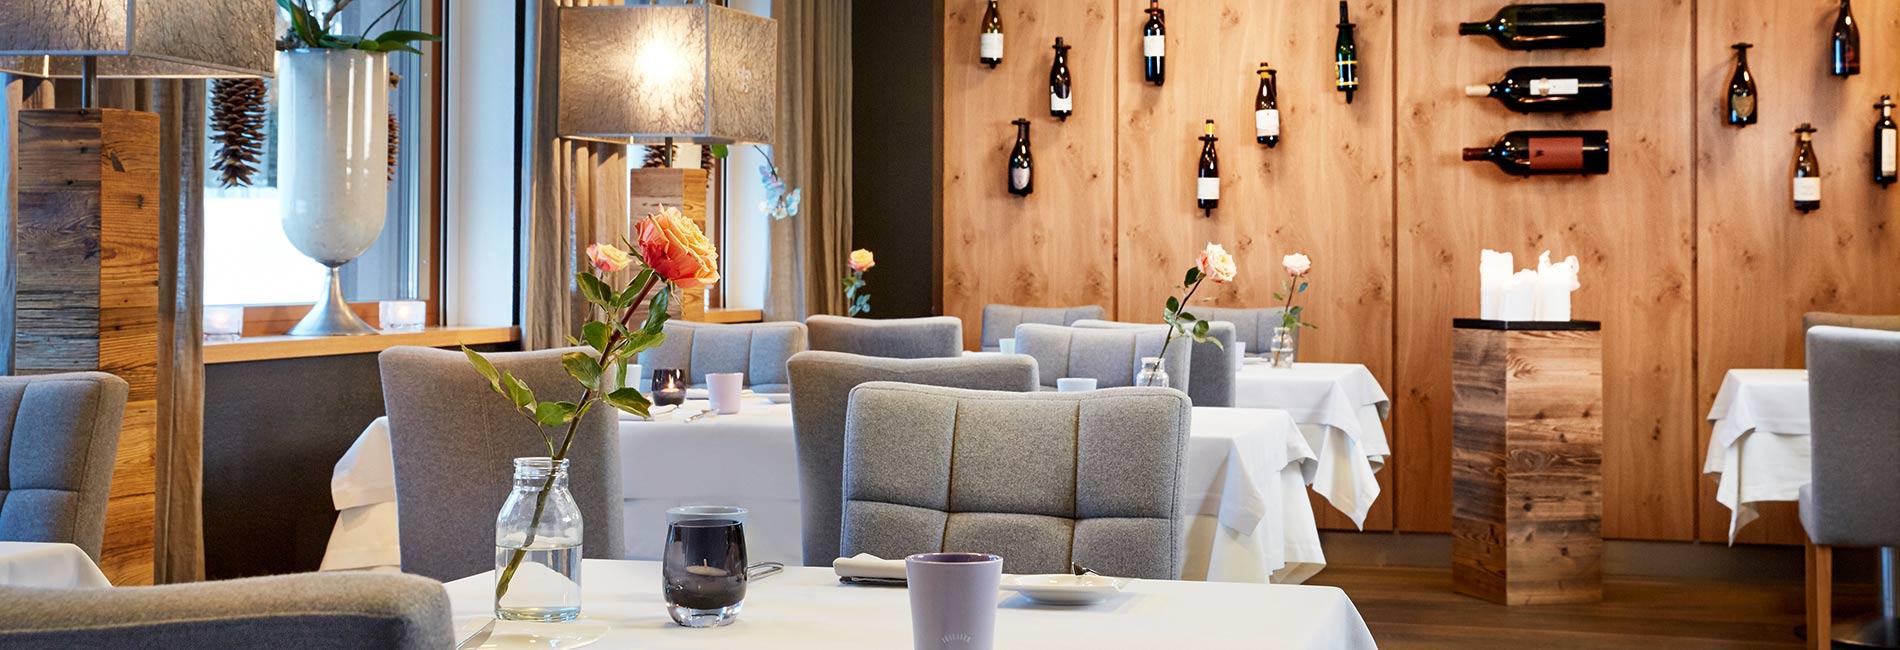 Küchenchef Martin Kinast Bistro-Restaurant Rosengarten Haubenrestaurant Hotel Spa Kirchberg